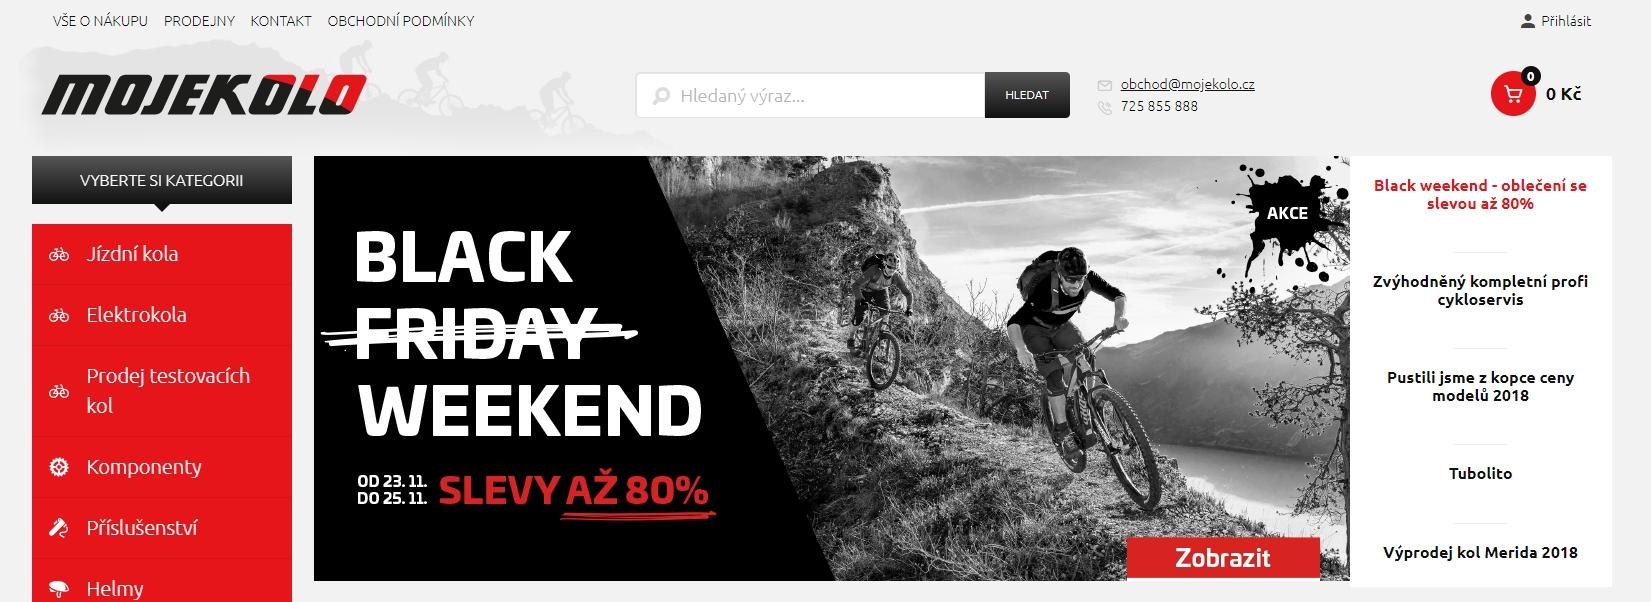 Black Friday se týká i kol. Dnes můžete nakoupit levněji nebo s ... f56faa26b6